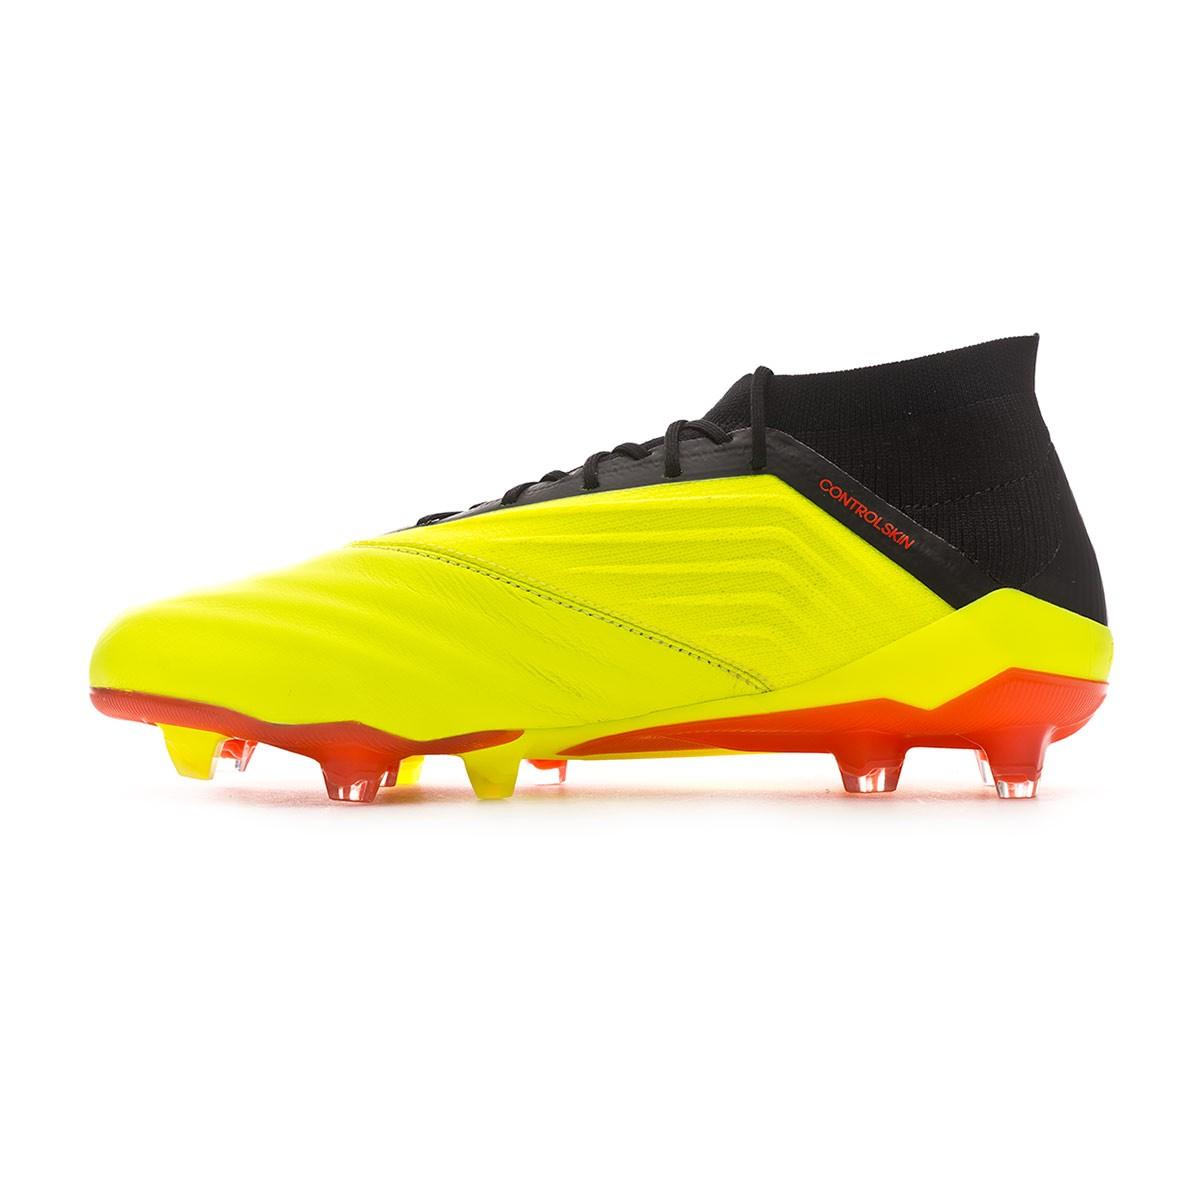 buy online e8739 911ba Bota de fútbol adidas Predator 18.1 FG Piel Solar yellow-Black-Solar red -  Soloporteros es ahora Fútbol Emotion